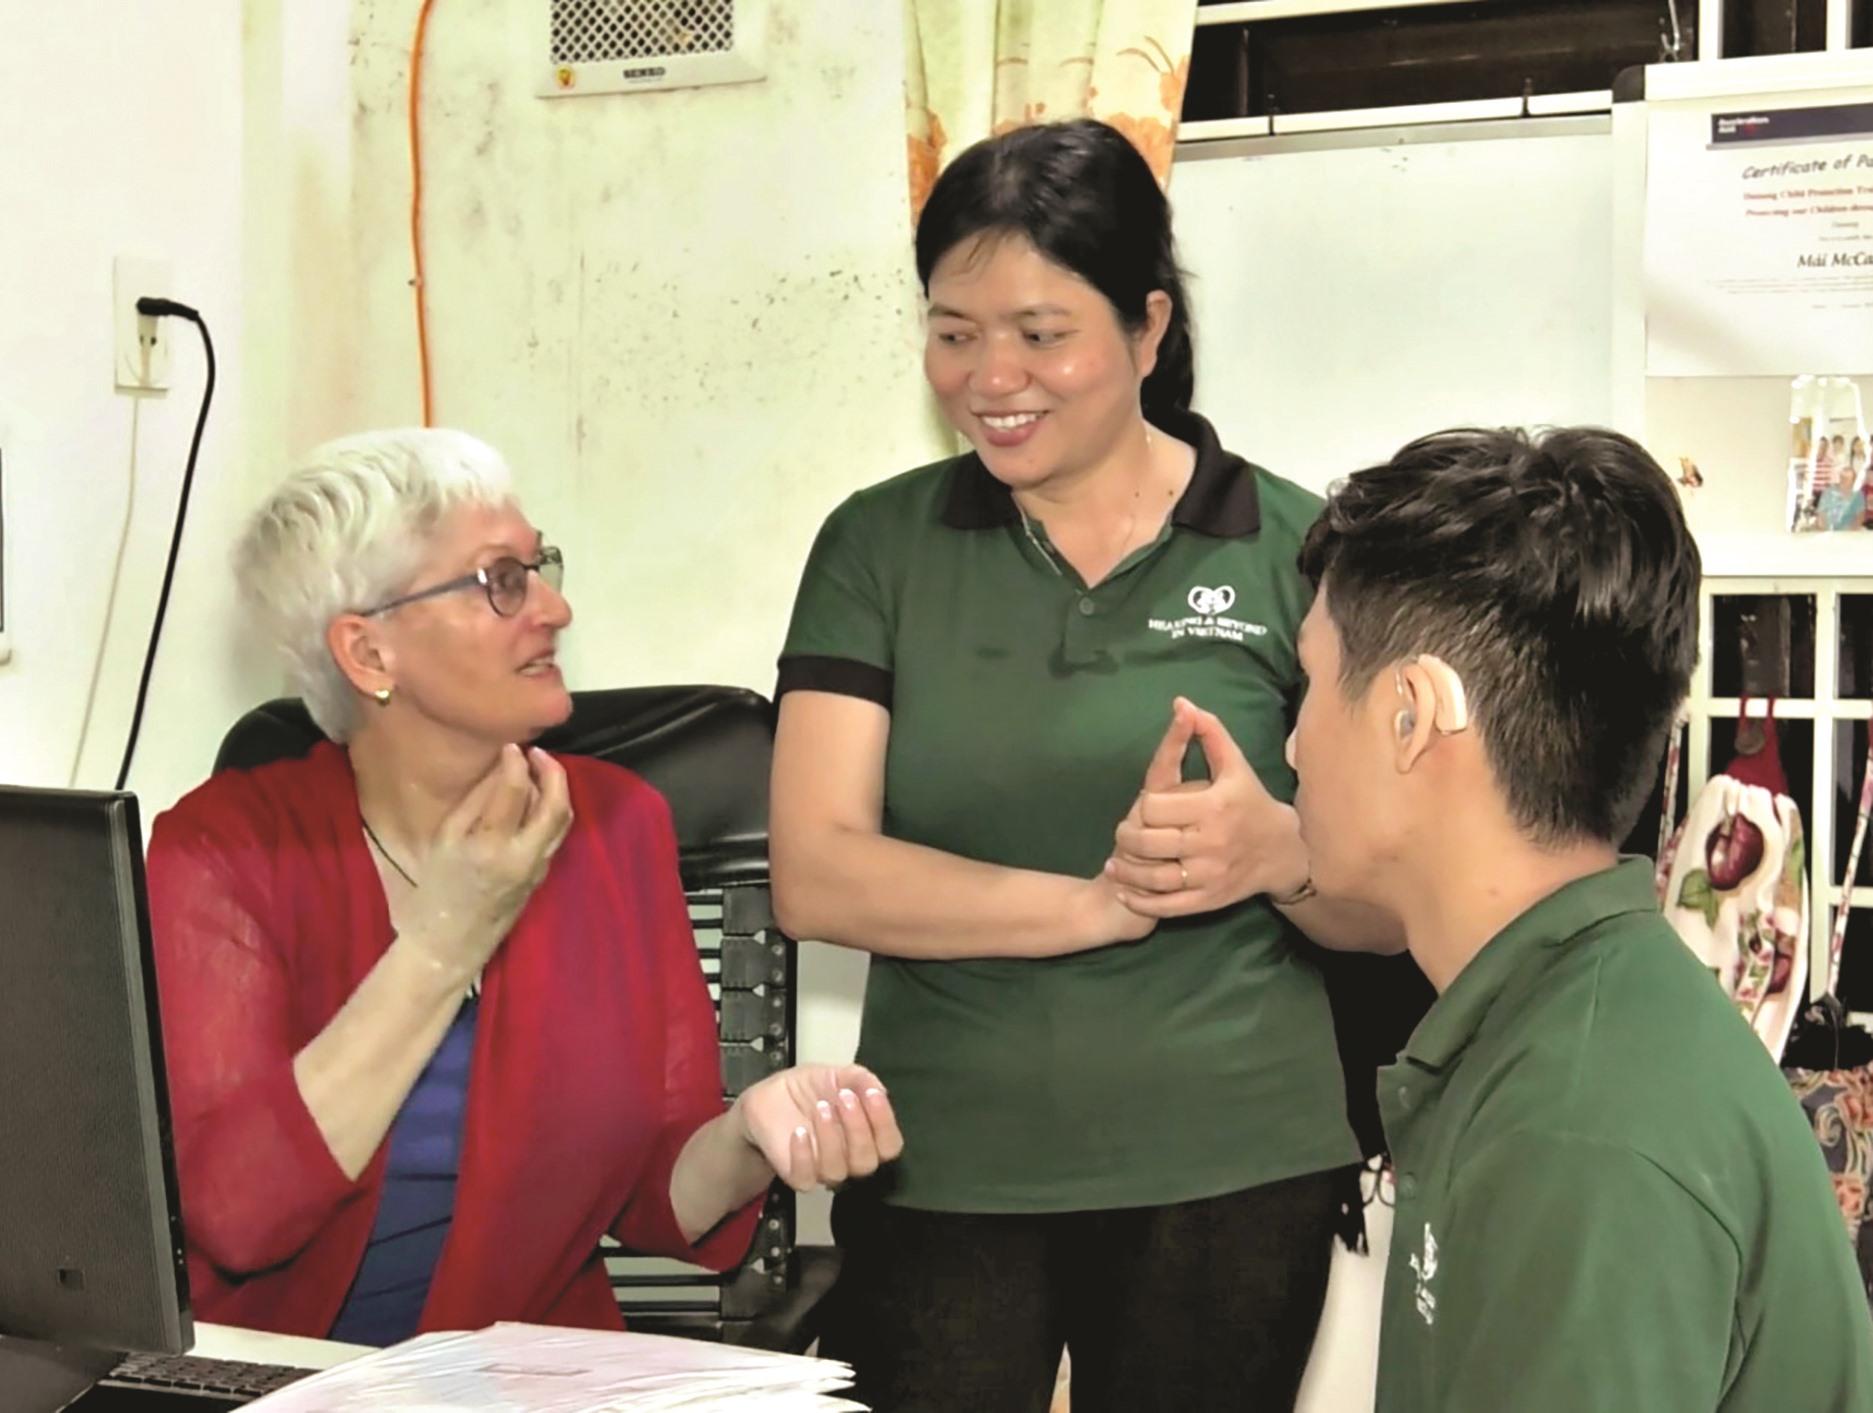 Bà Mai trao đổi cùng nhân viên của trường về phương pháp huấn luyện các em.Ảnh: M.T